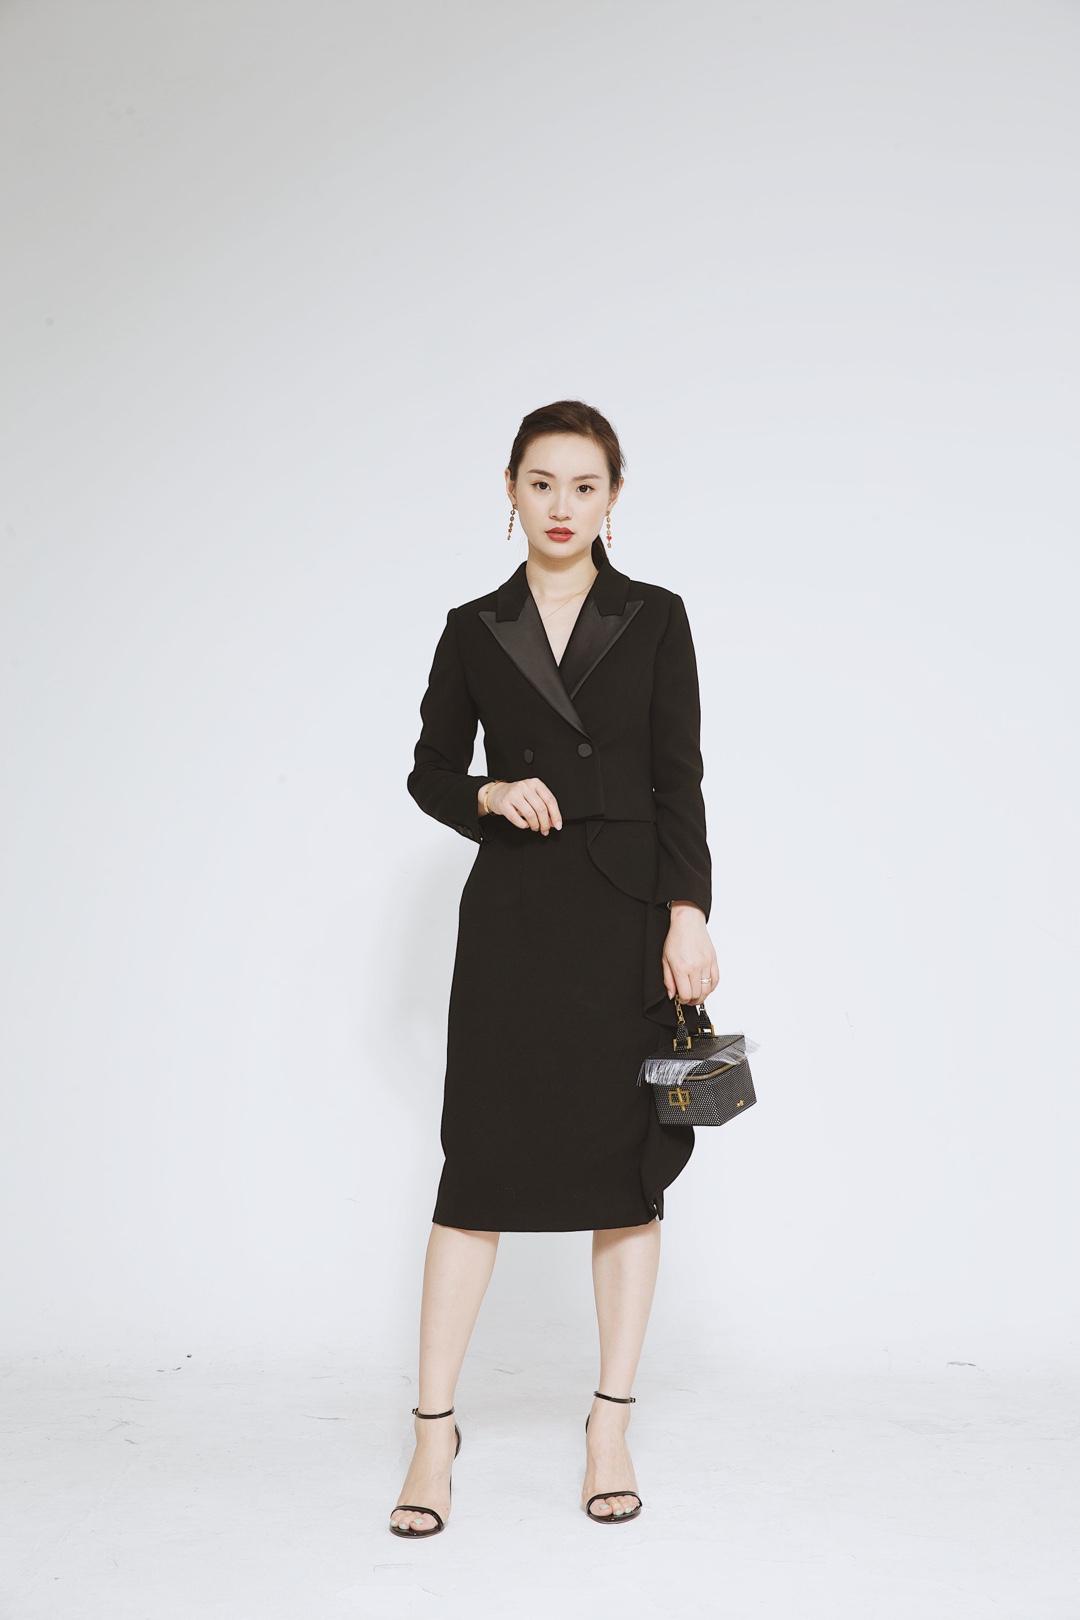 在这五颜六色的西装中,黑色西装是永恒的经典。 成熟老气的黑色西装搭配半裙,女人味十足,是甜系girl的最爱。平时穿半裙容易给人幼稚感,搭配黑色西装成熟度up,职场进阶好帮手! 黑色西装特别适合不规则半裙,既不会过于夸张,又能平衡比例,对于身材没那么完美的妹子,这种穿搭方法一定要get起来。 #跟我穿,1秒隐藏不完美身形!#